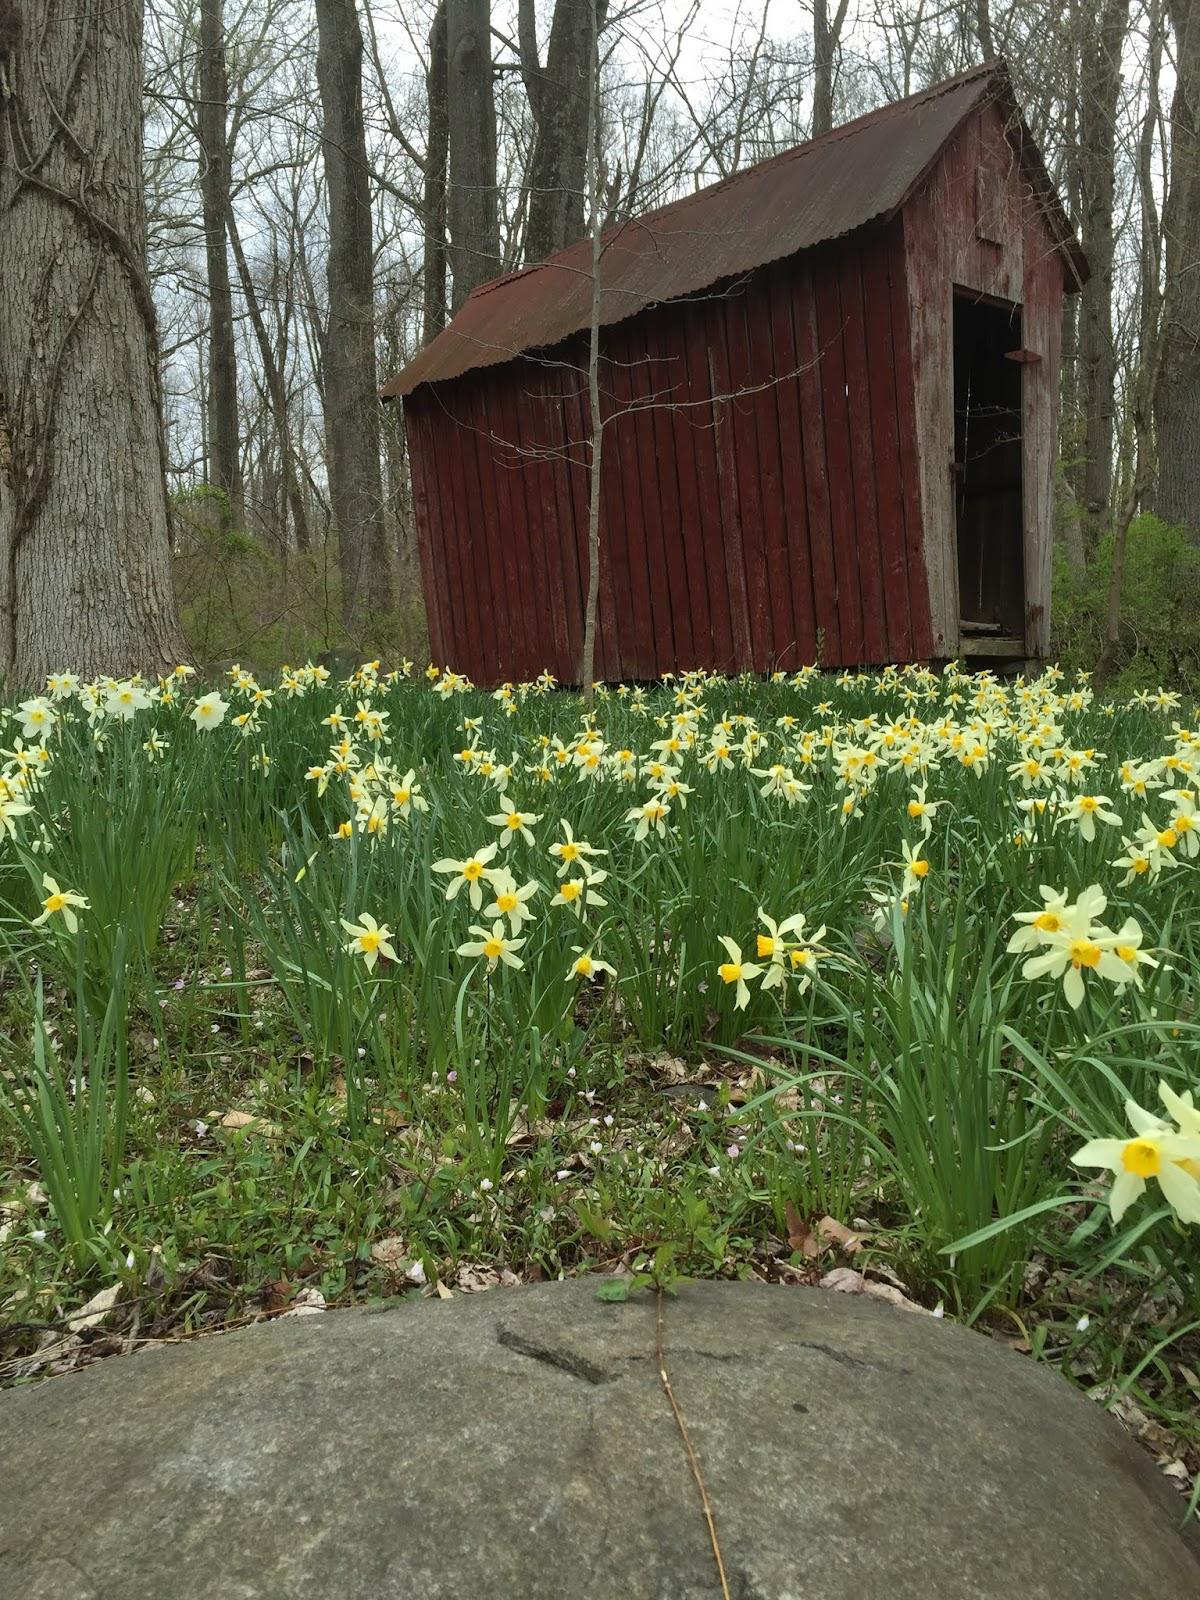 Some Spring Views At Herrontown Woods Princeton Nature Notes